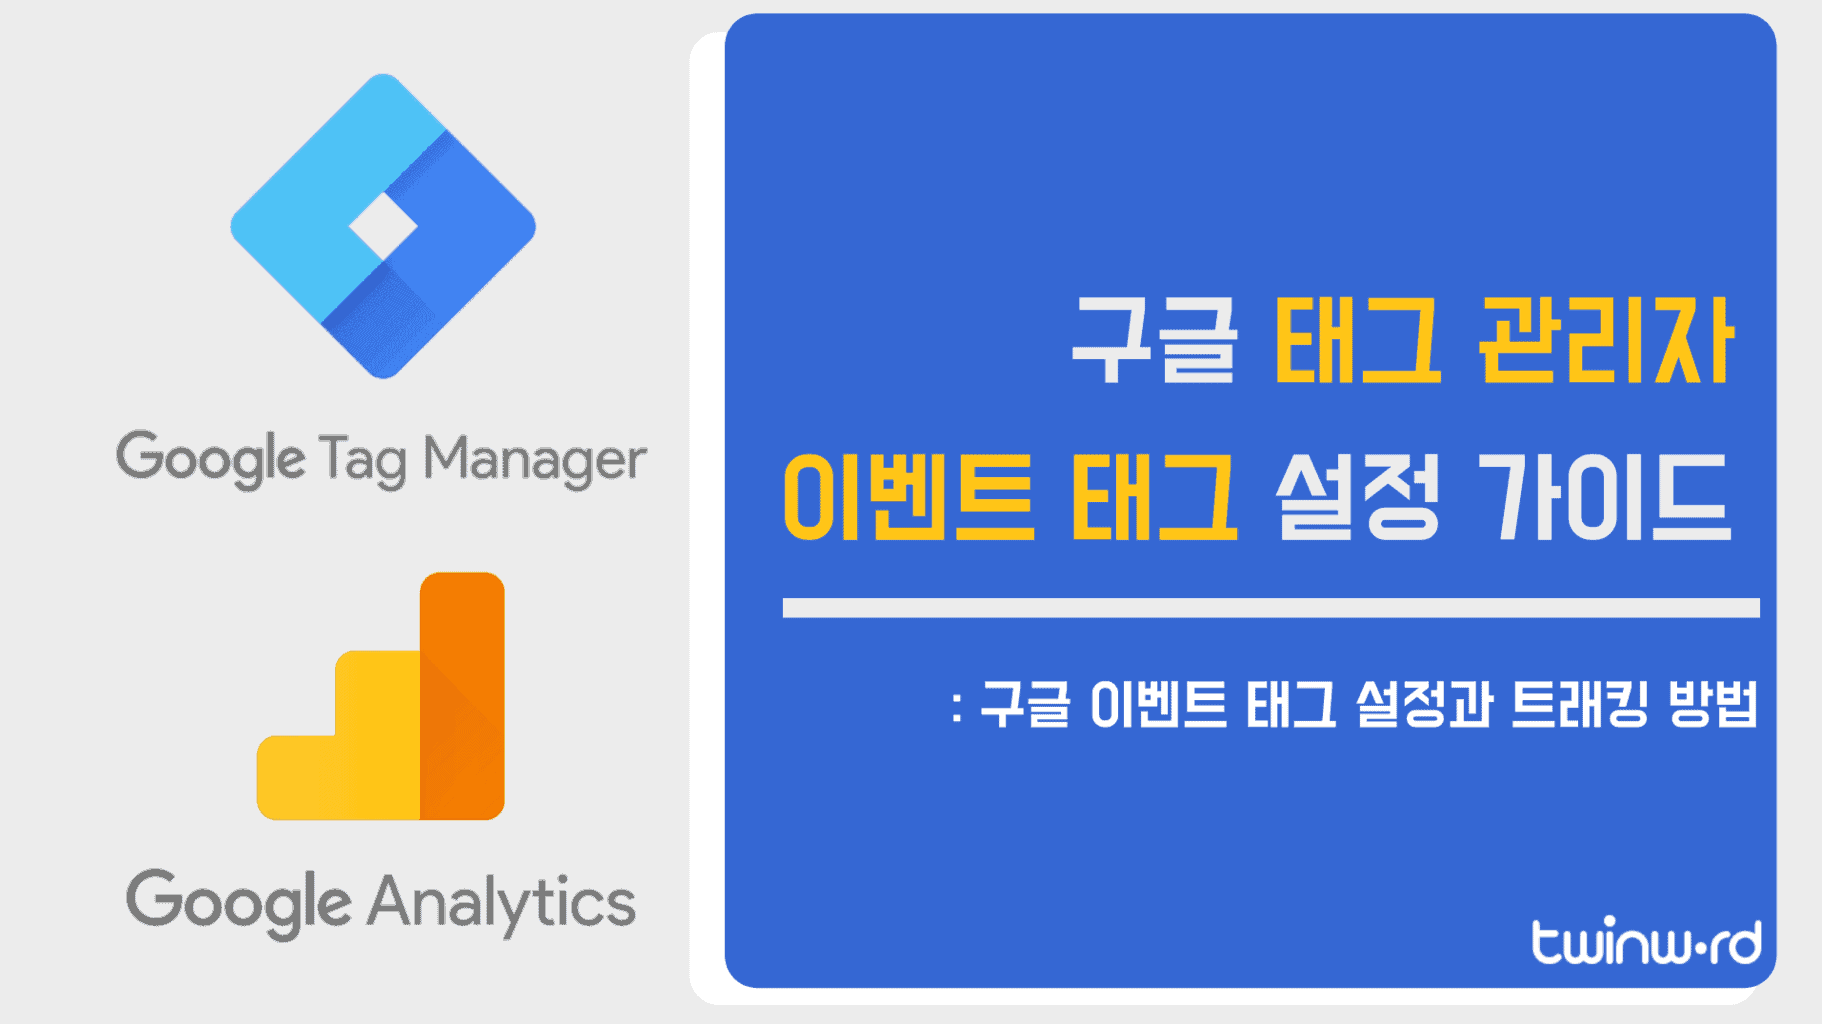 구글 태그 관리자 이벤트 태그 설정 가이드 대표이미지